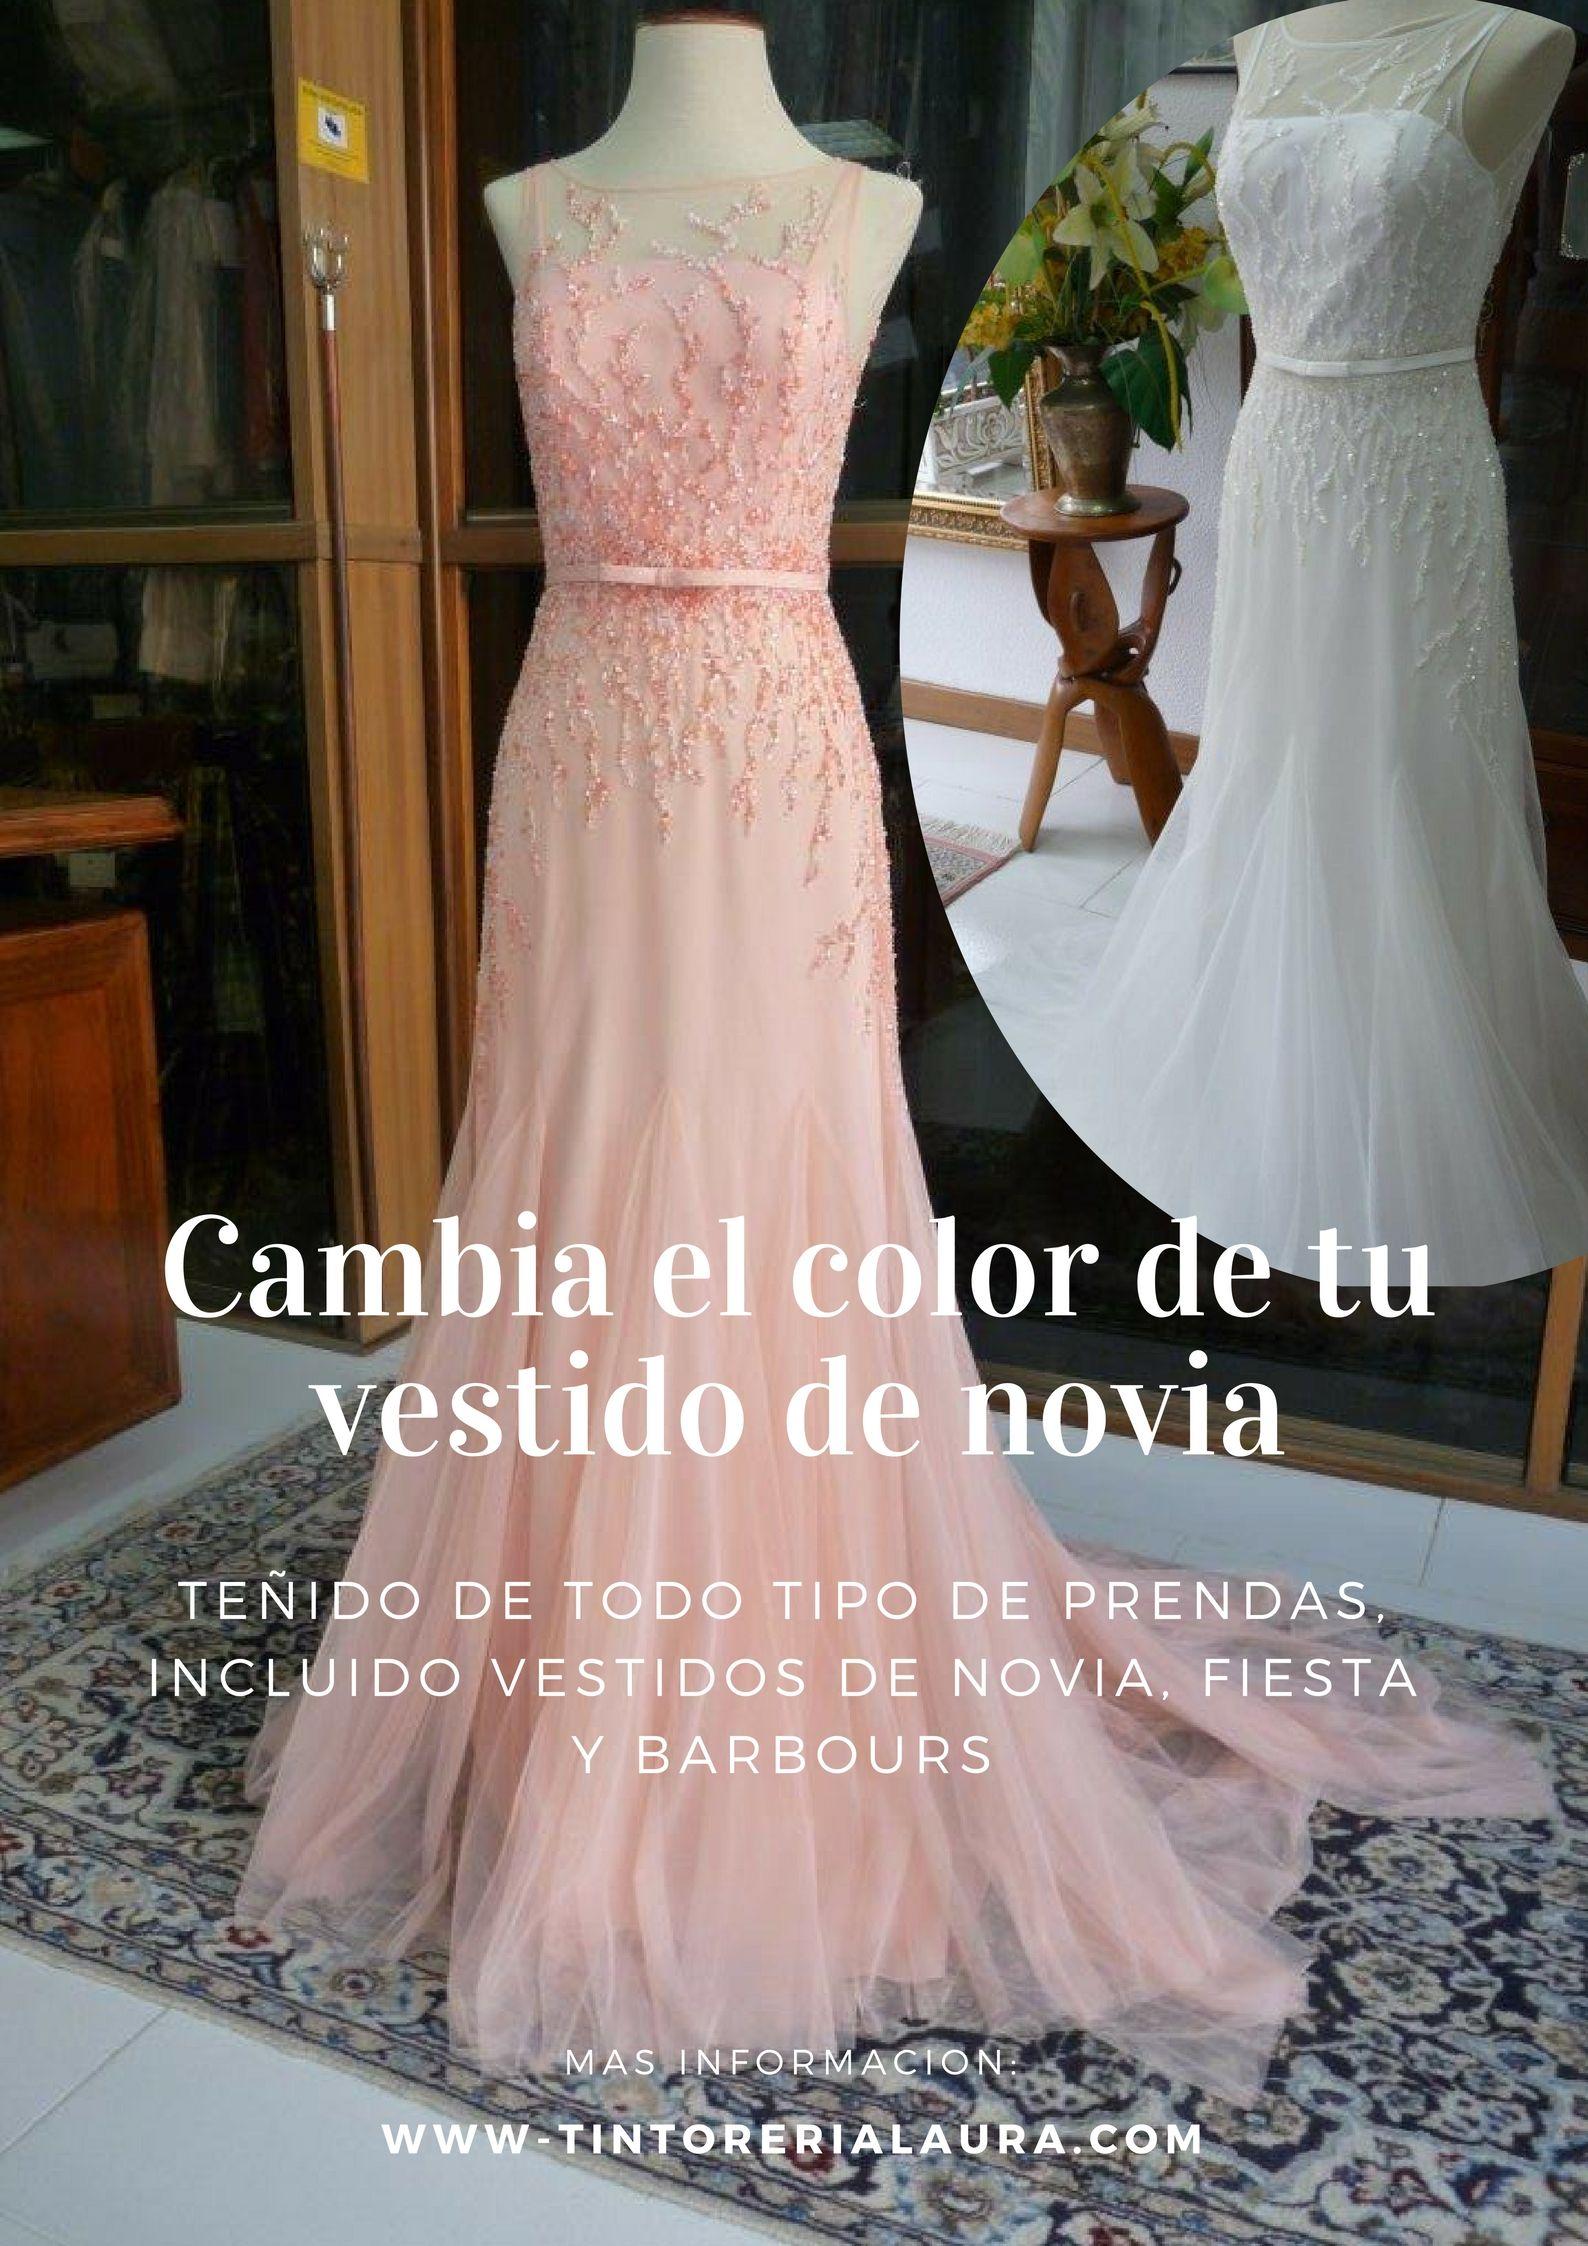 tintoreria#tintoreria laura# teñir vestido de novia# | Teñir ...